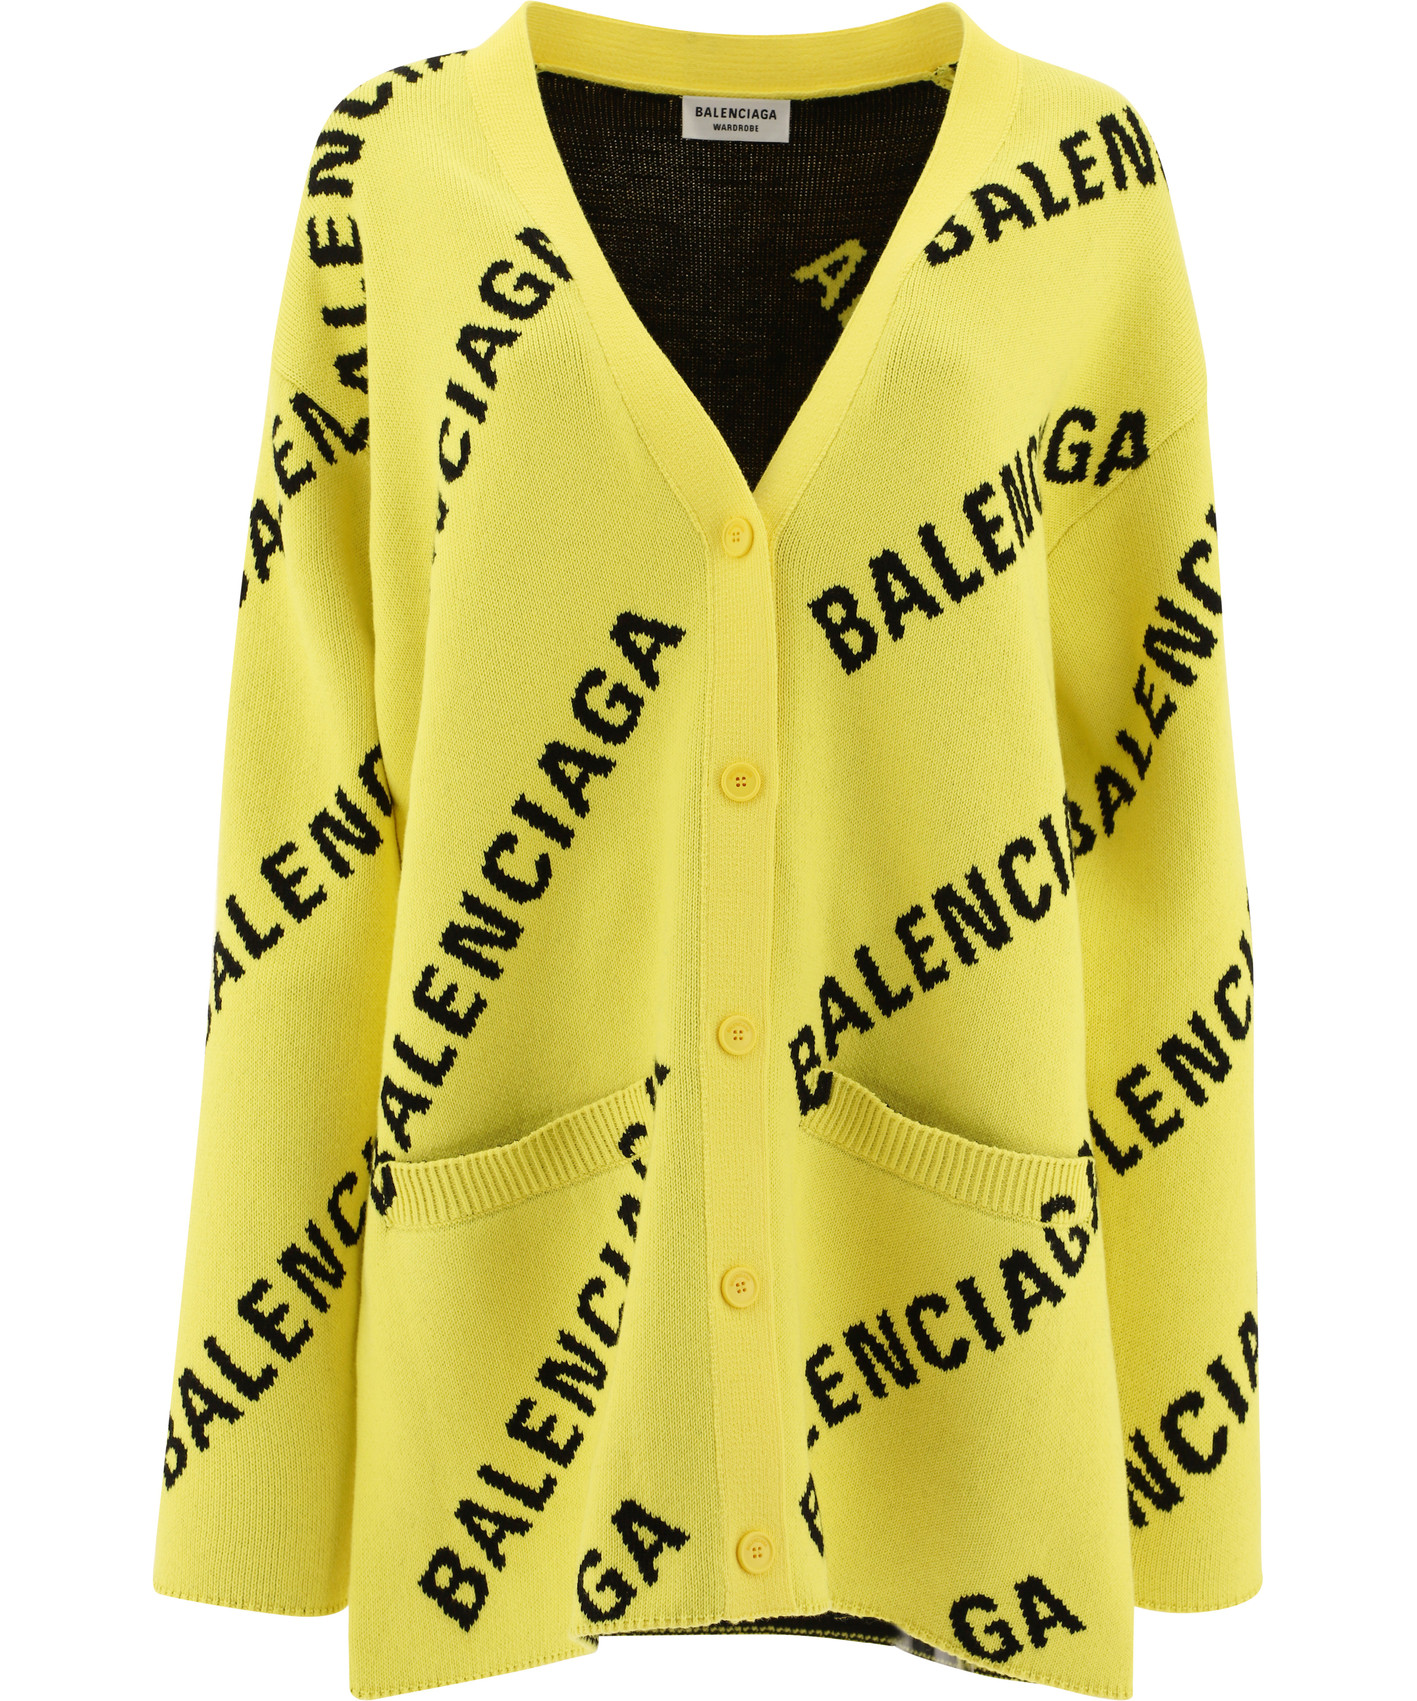 camicia viscosa fasce contrasto scritta logo verticale collo annodato lacceto vita m/l BALENCIAGA   Cardigan   659675-T32007440